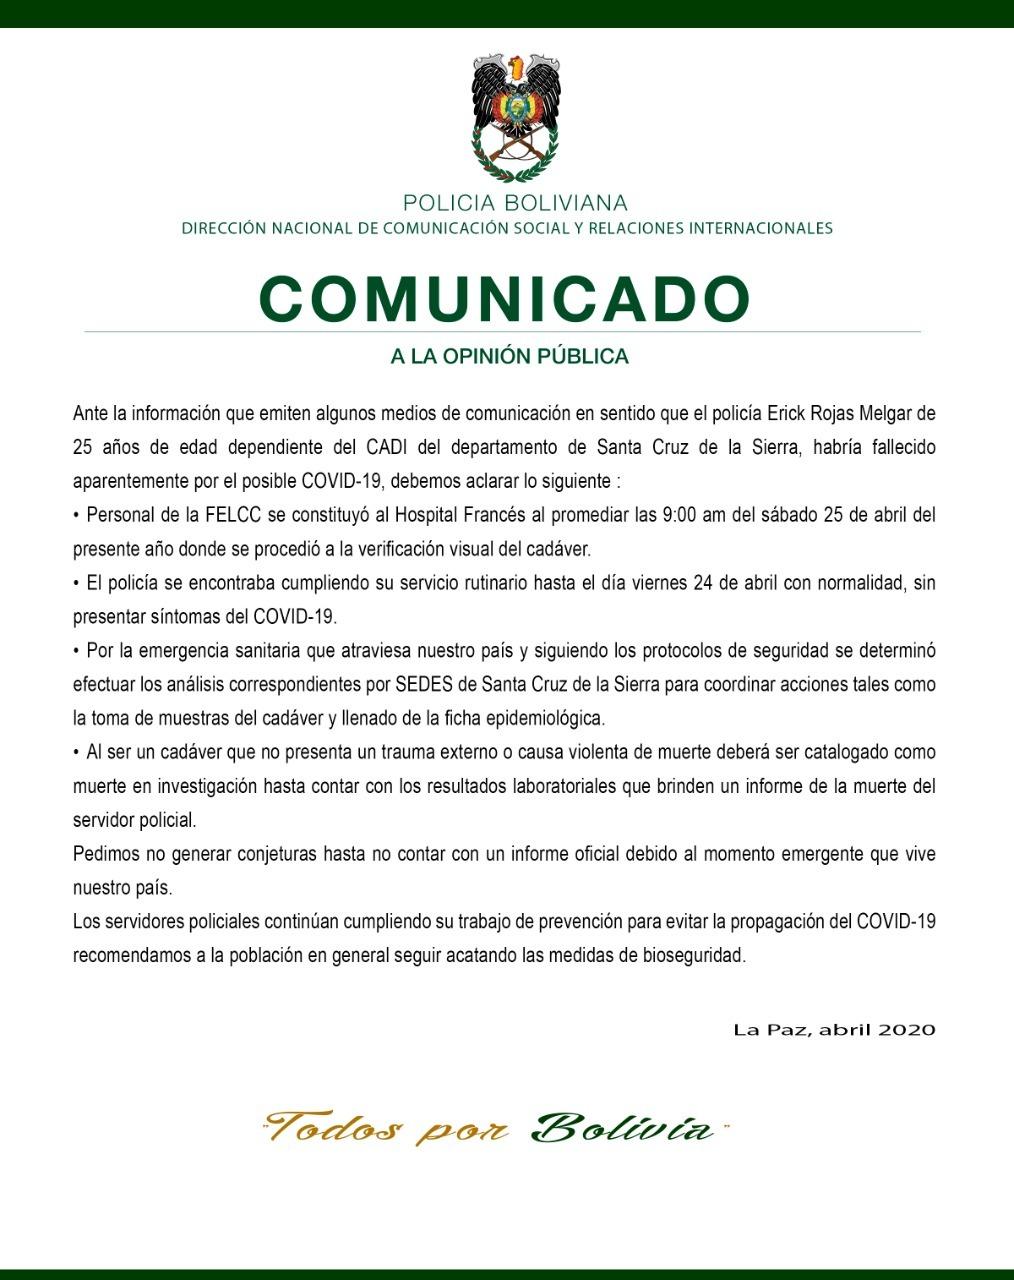 Murillo descarta muerte por coronavirus en efectivo de la policía en Santa Cruz